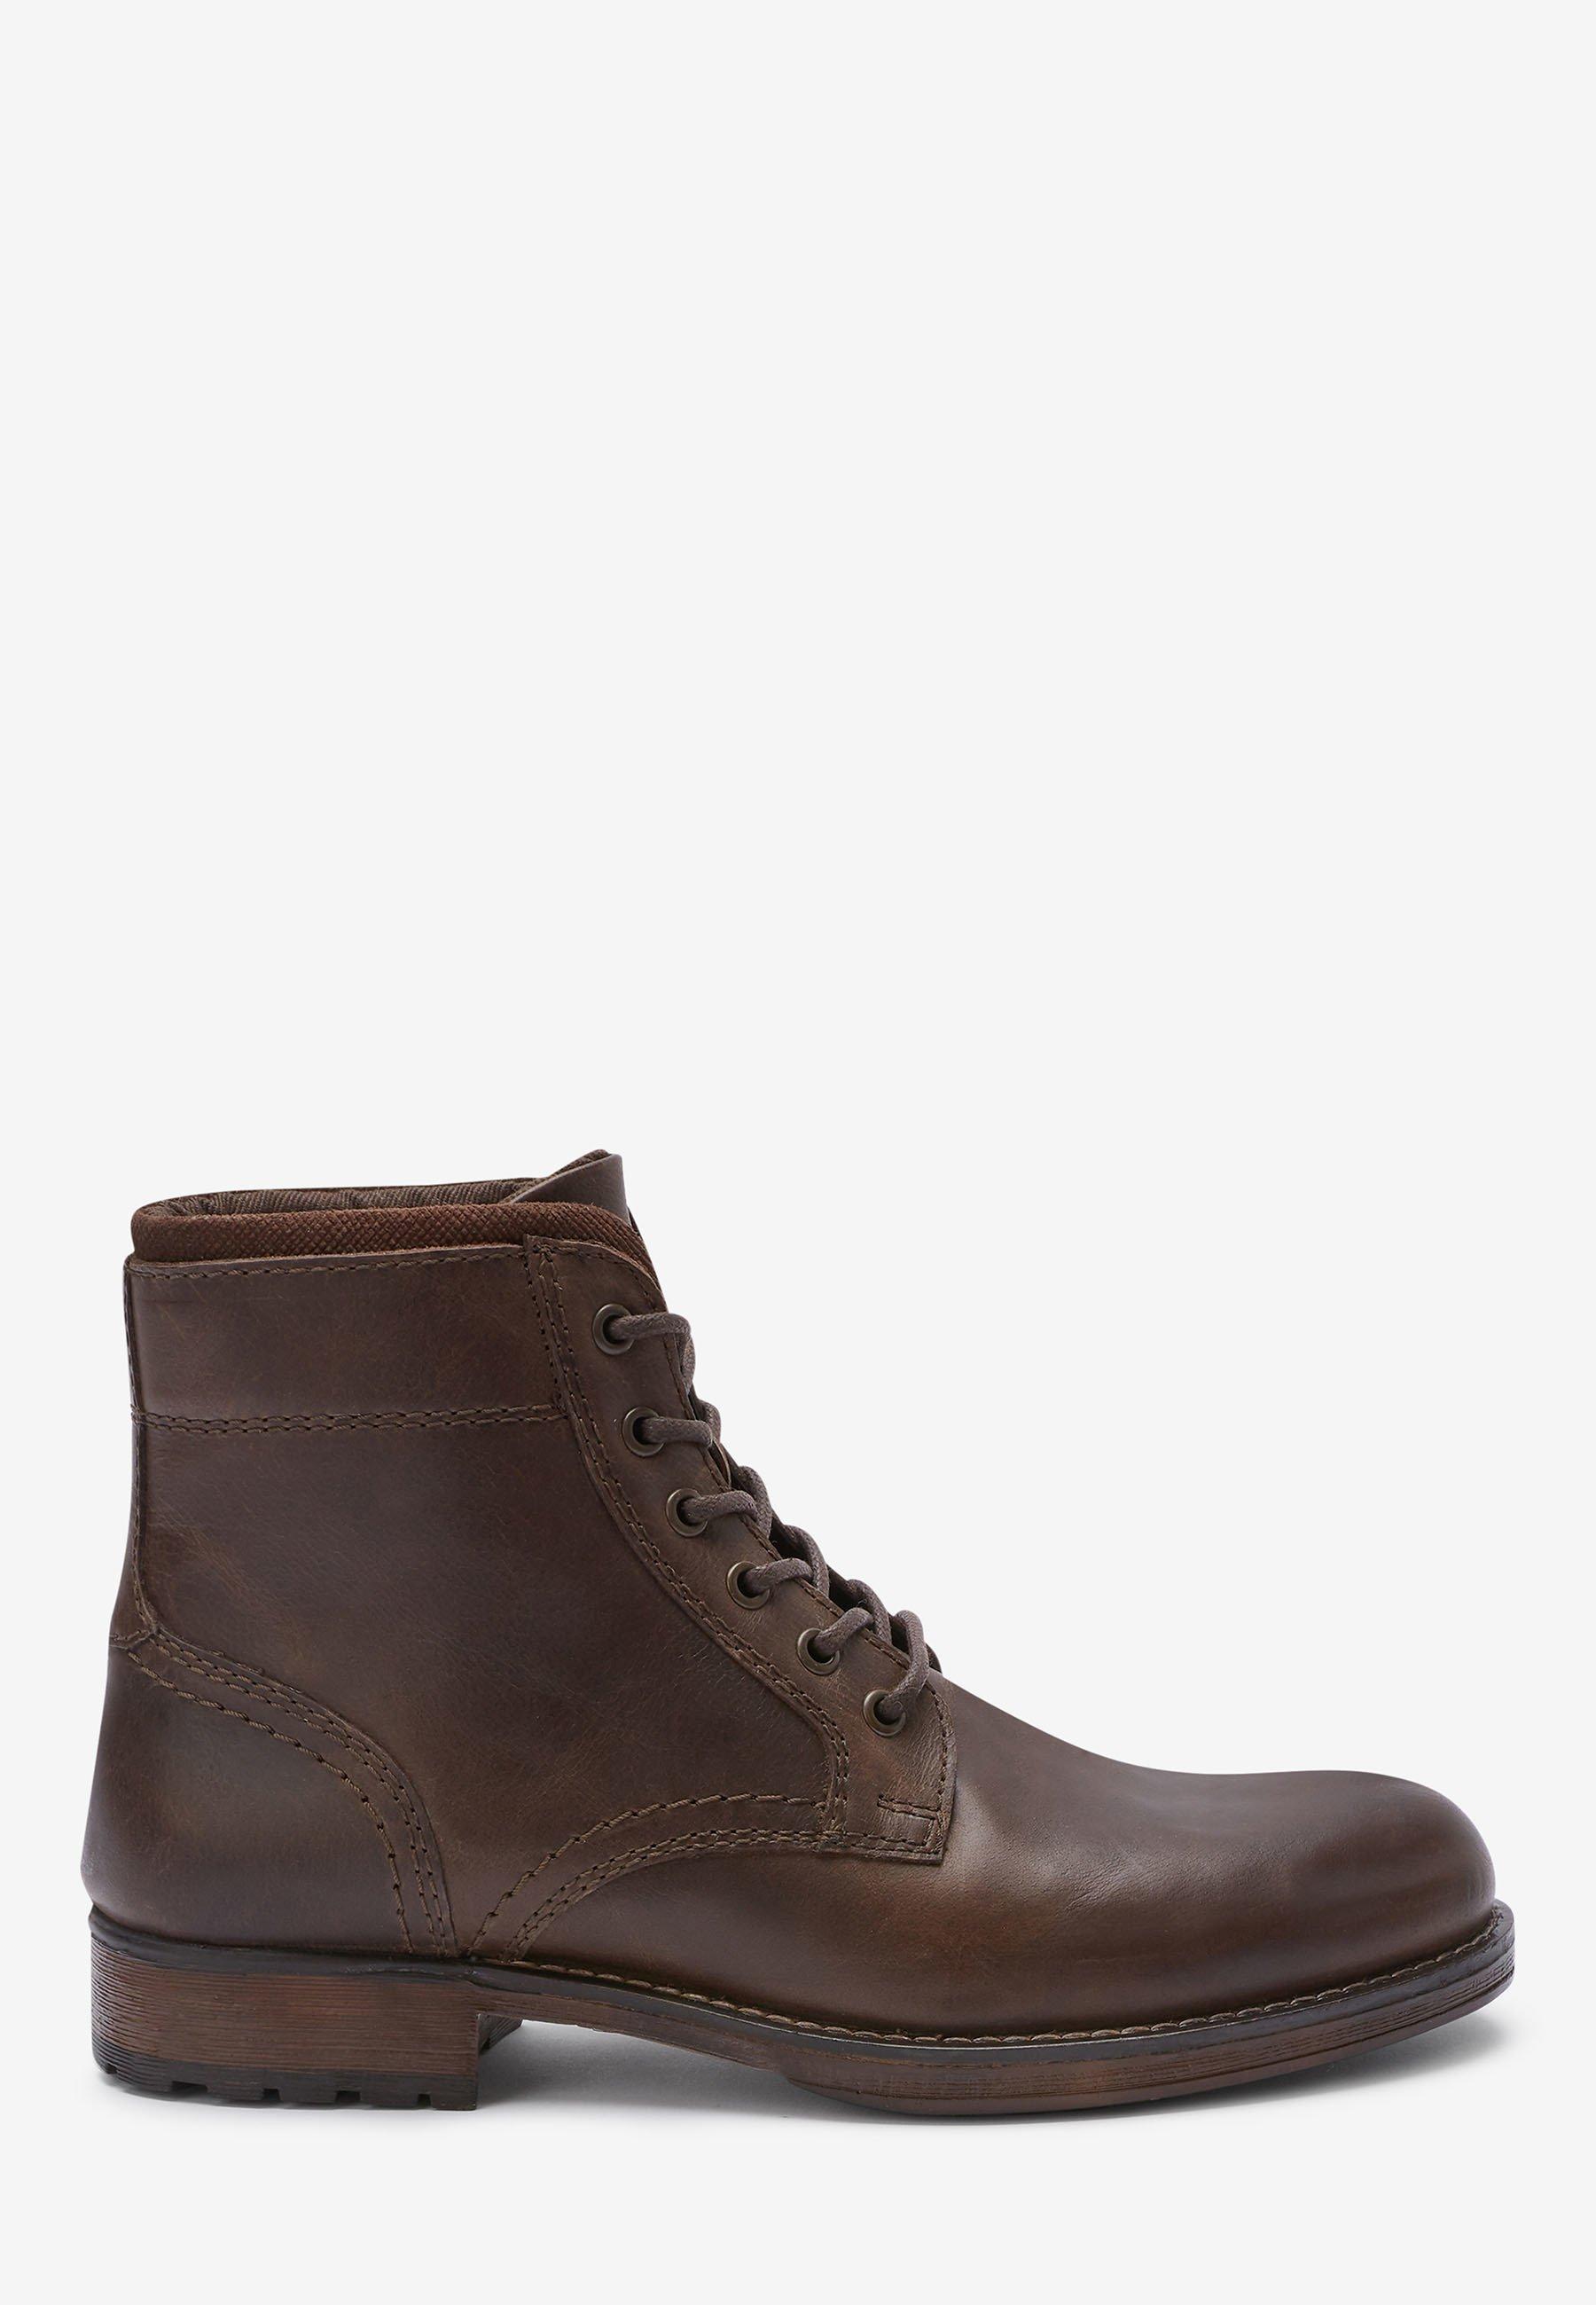 Next Brown Borg Lined Tall Boots - Snørestøvletter